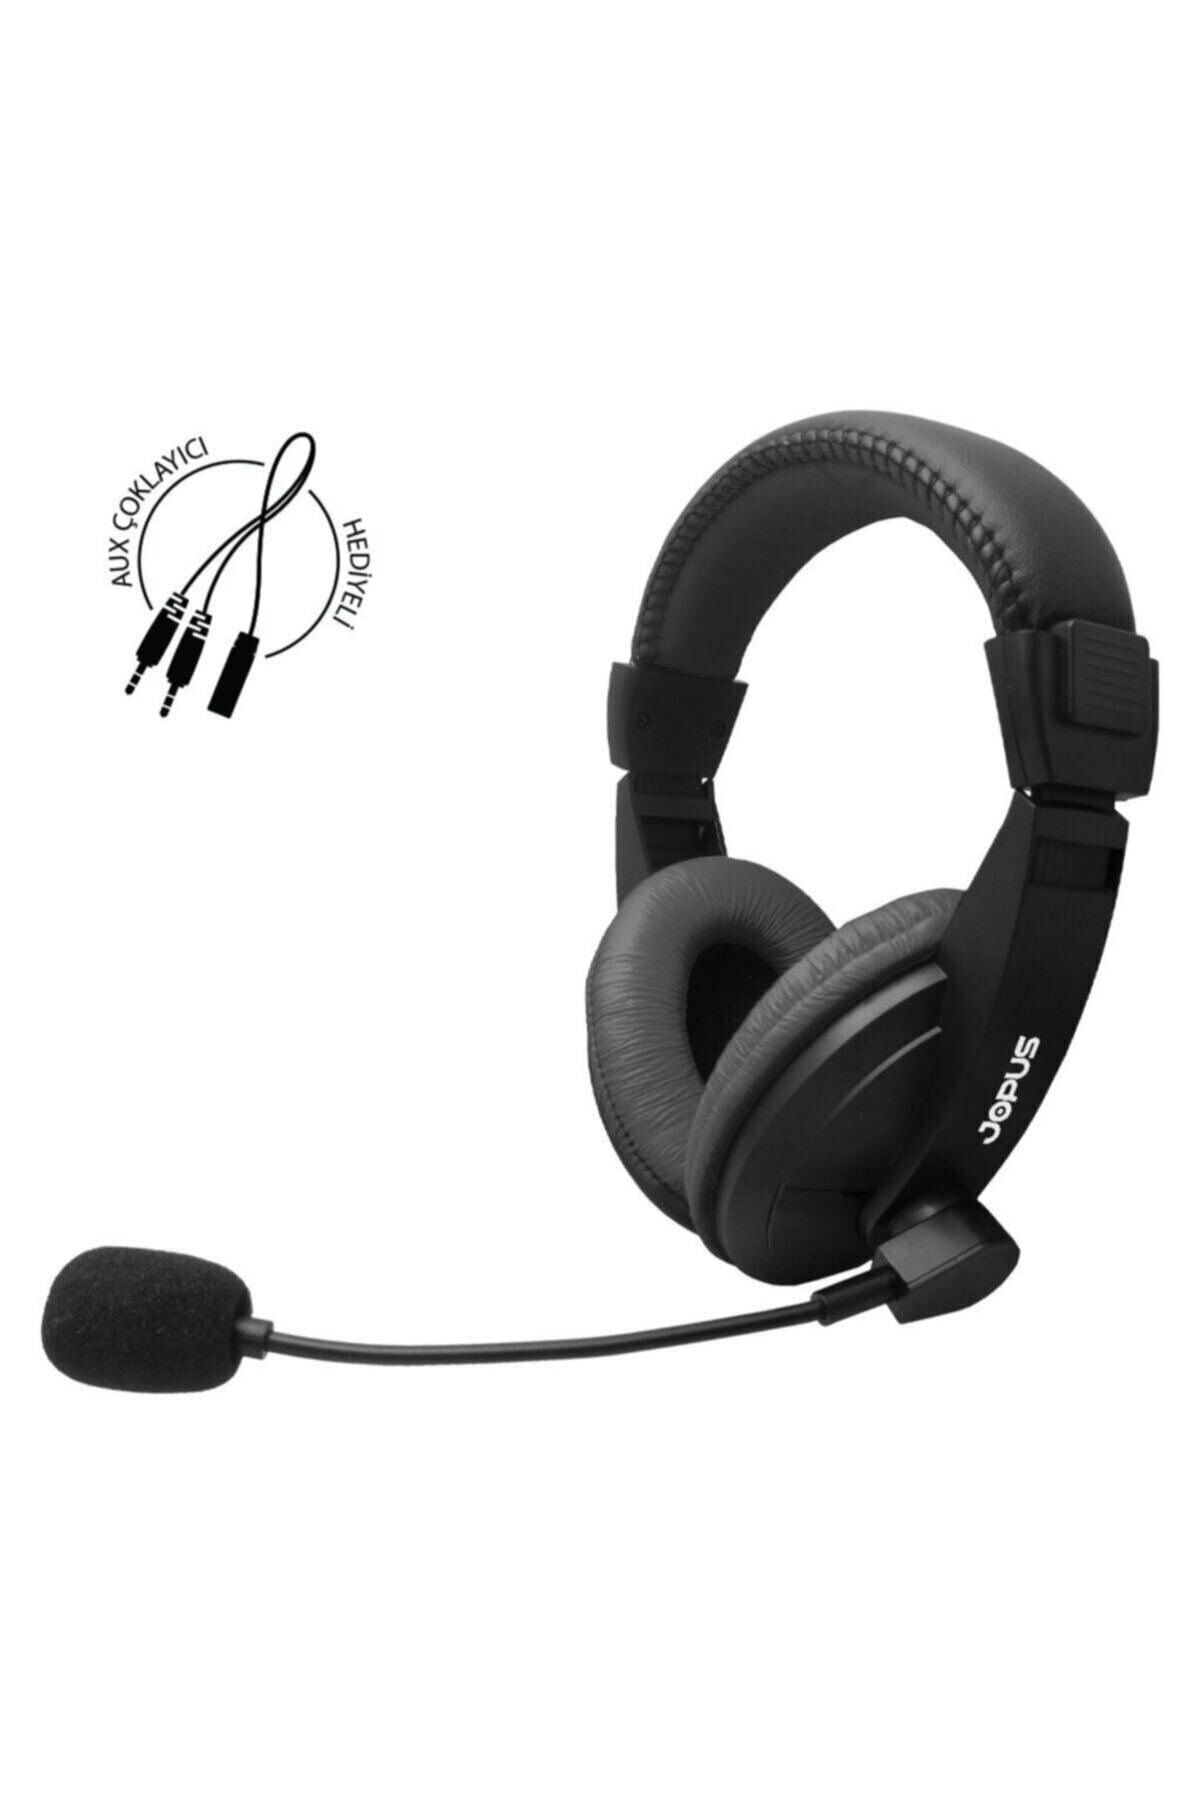 JOPUS TECHNOLOGY Jopus J1 Mikrofonlu Oyuncu Kulaklığı 2